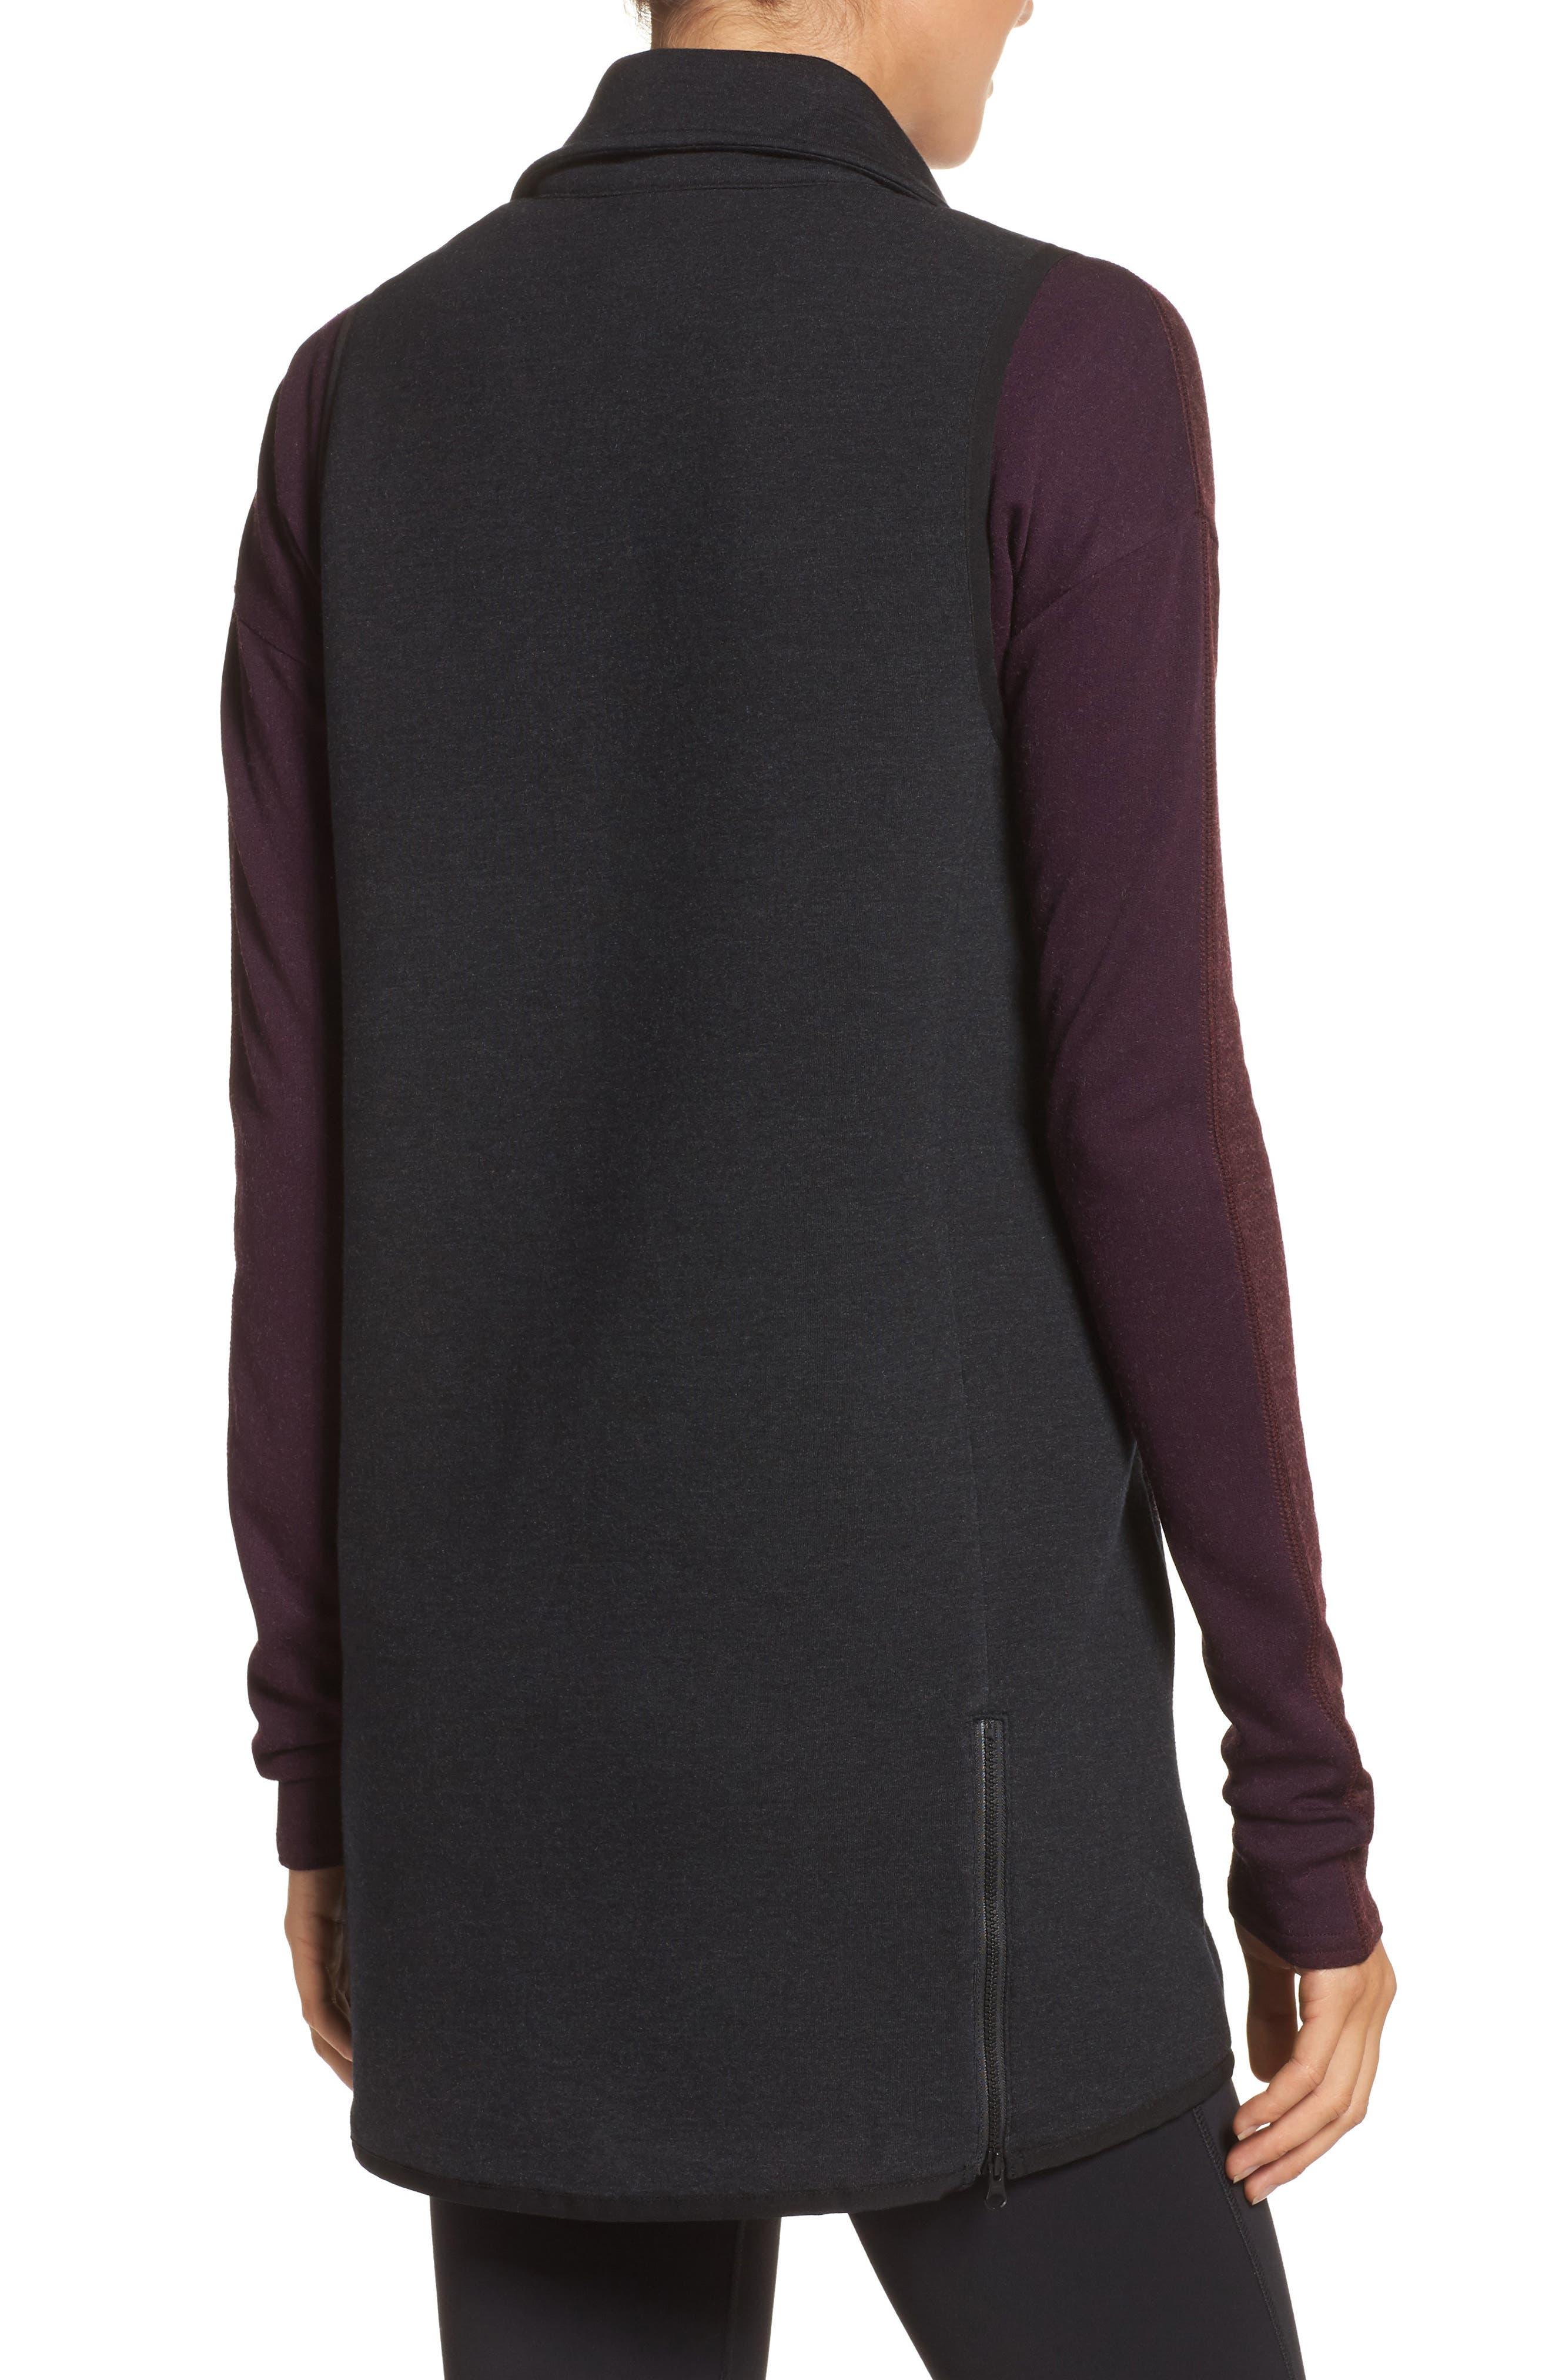 24/7 Luxe Vest,                             Alternate thumbnail 2, color,                             Bk